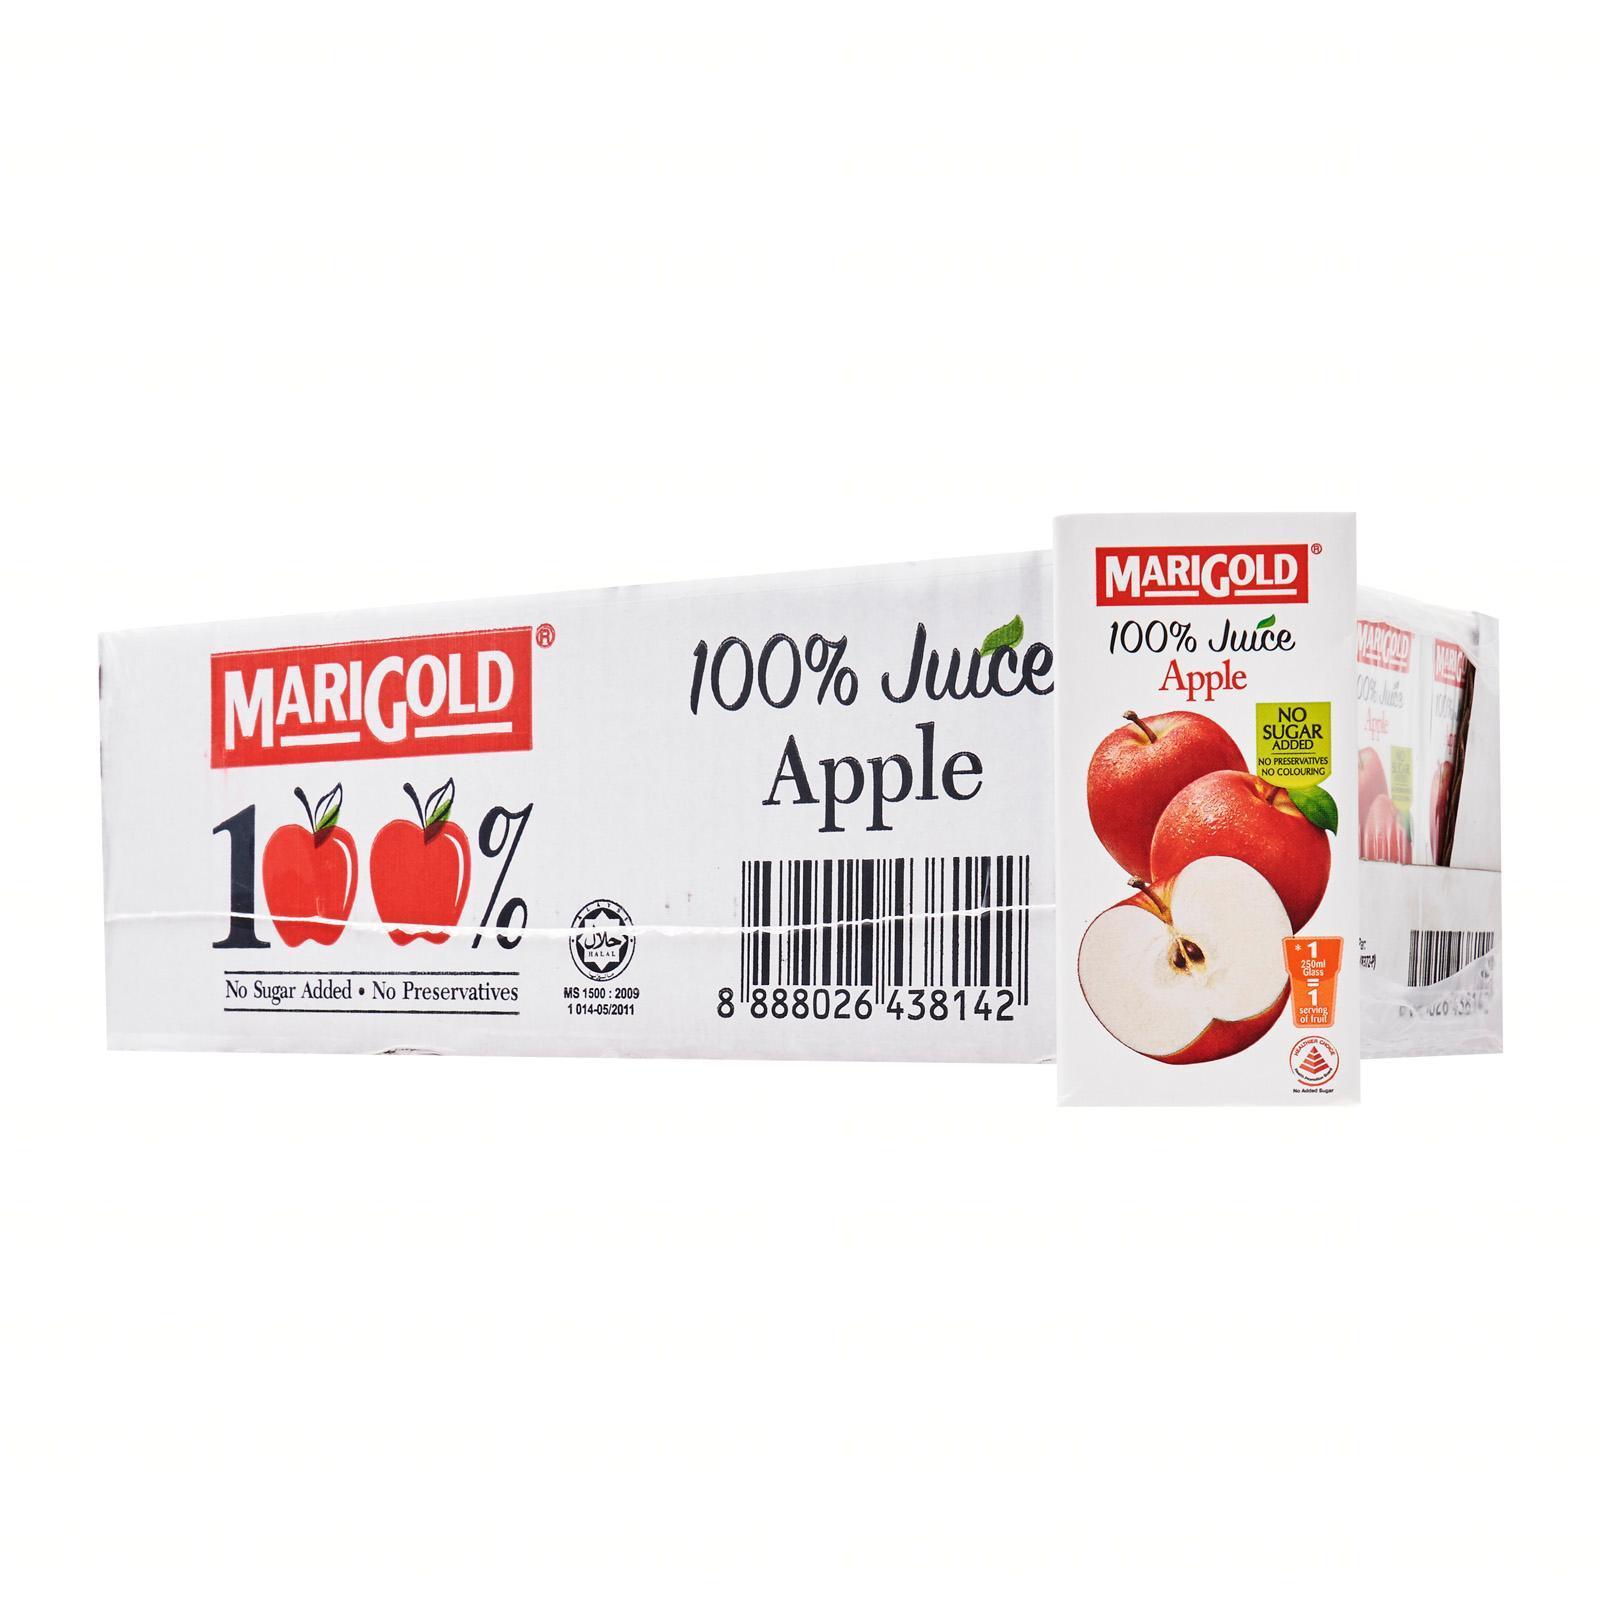 MARIGOLD 100% Apple Juice-Case